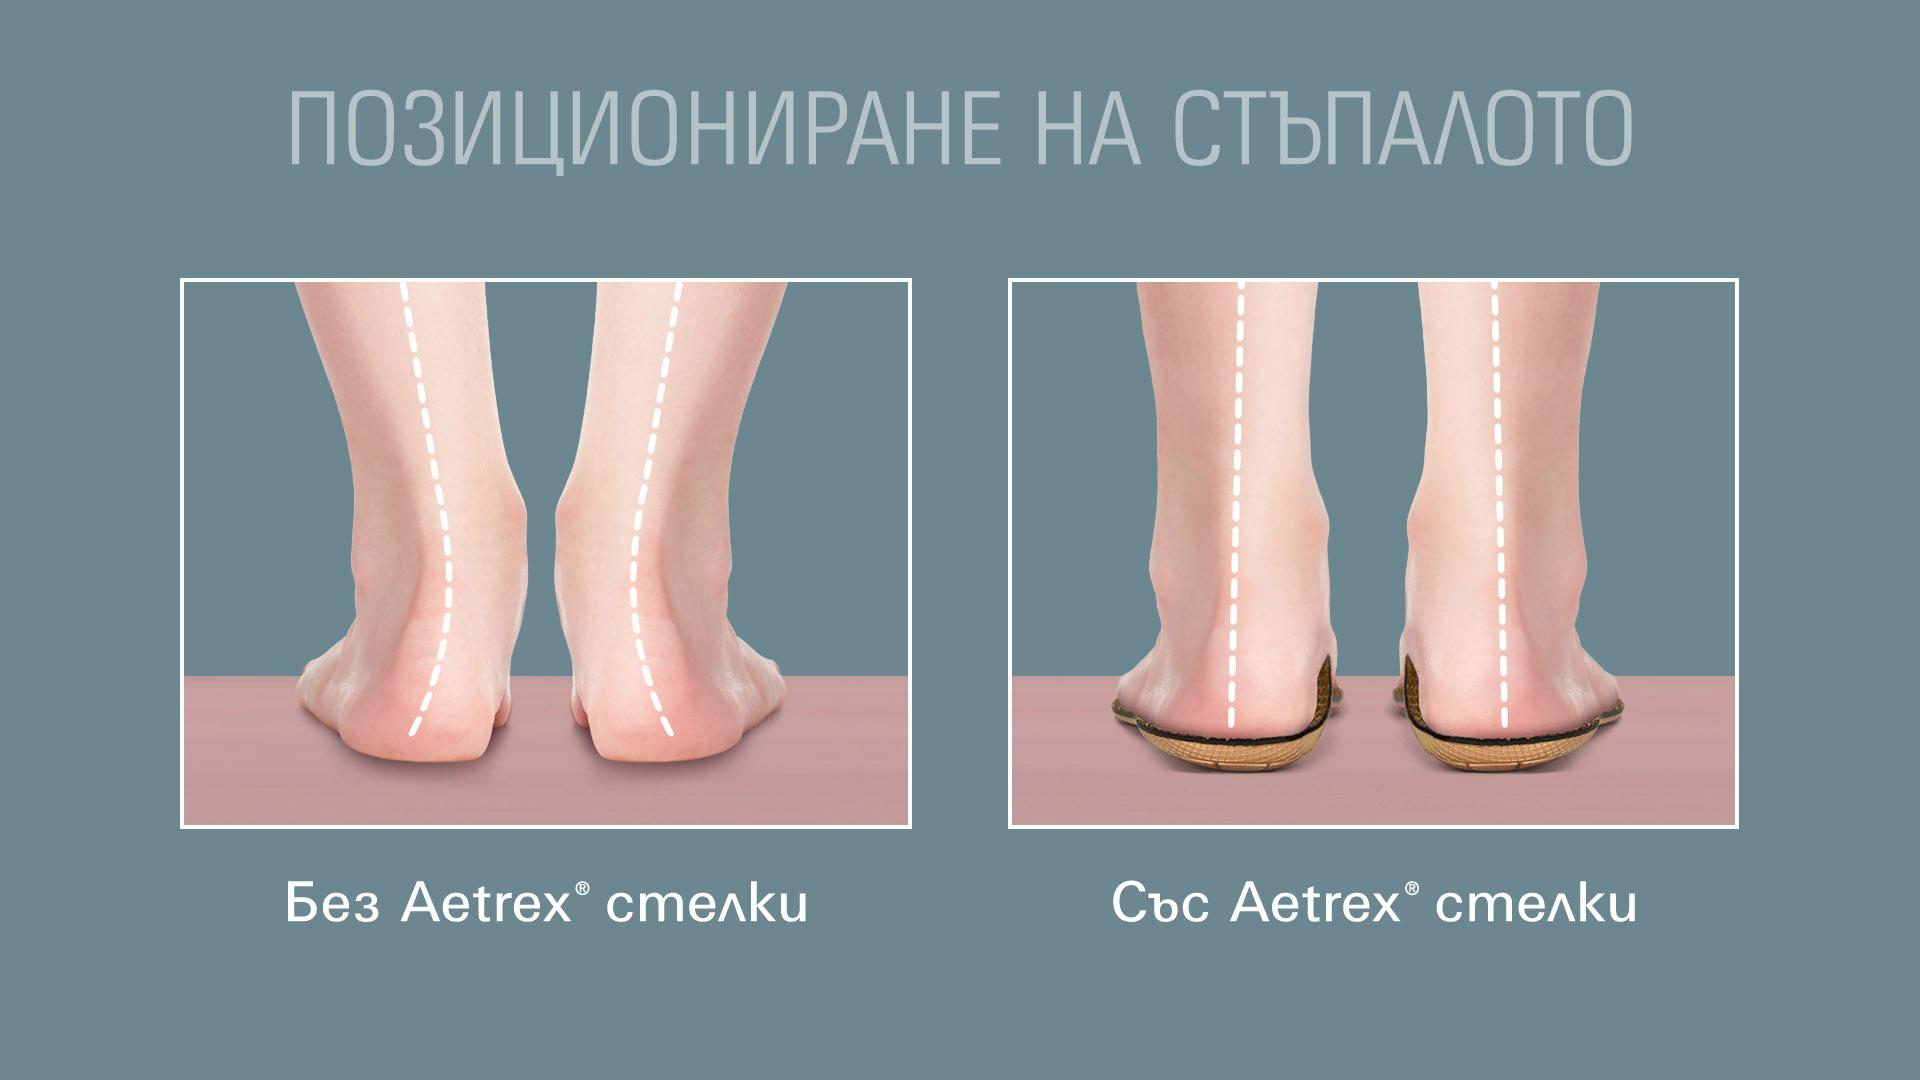 Позициониране на стъпалото със и без ортопедични стелки Aetrex